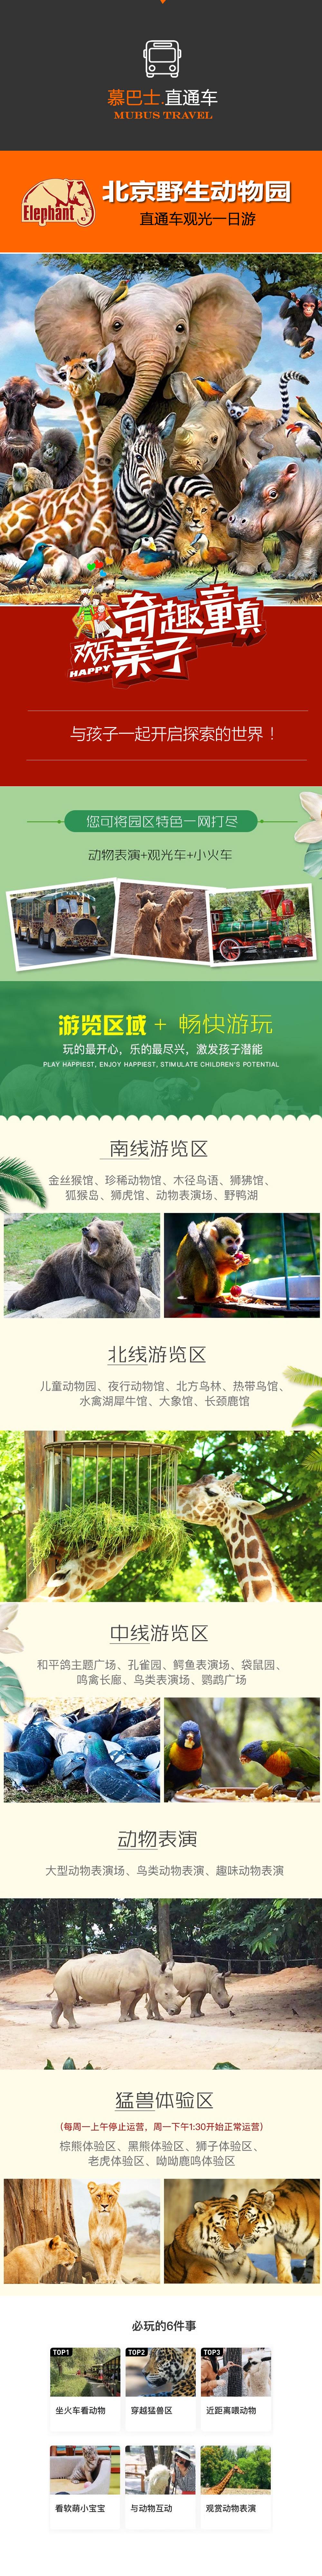 北京野生动物园1